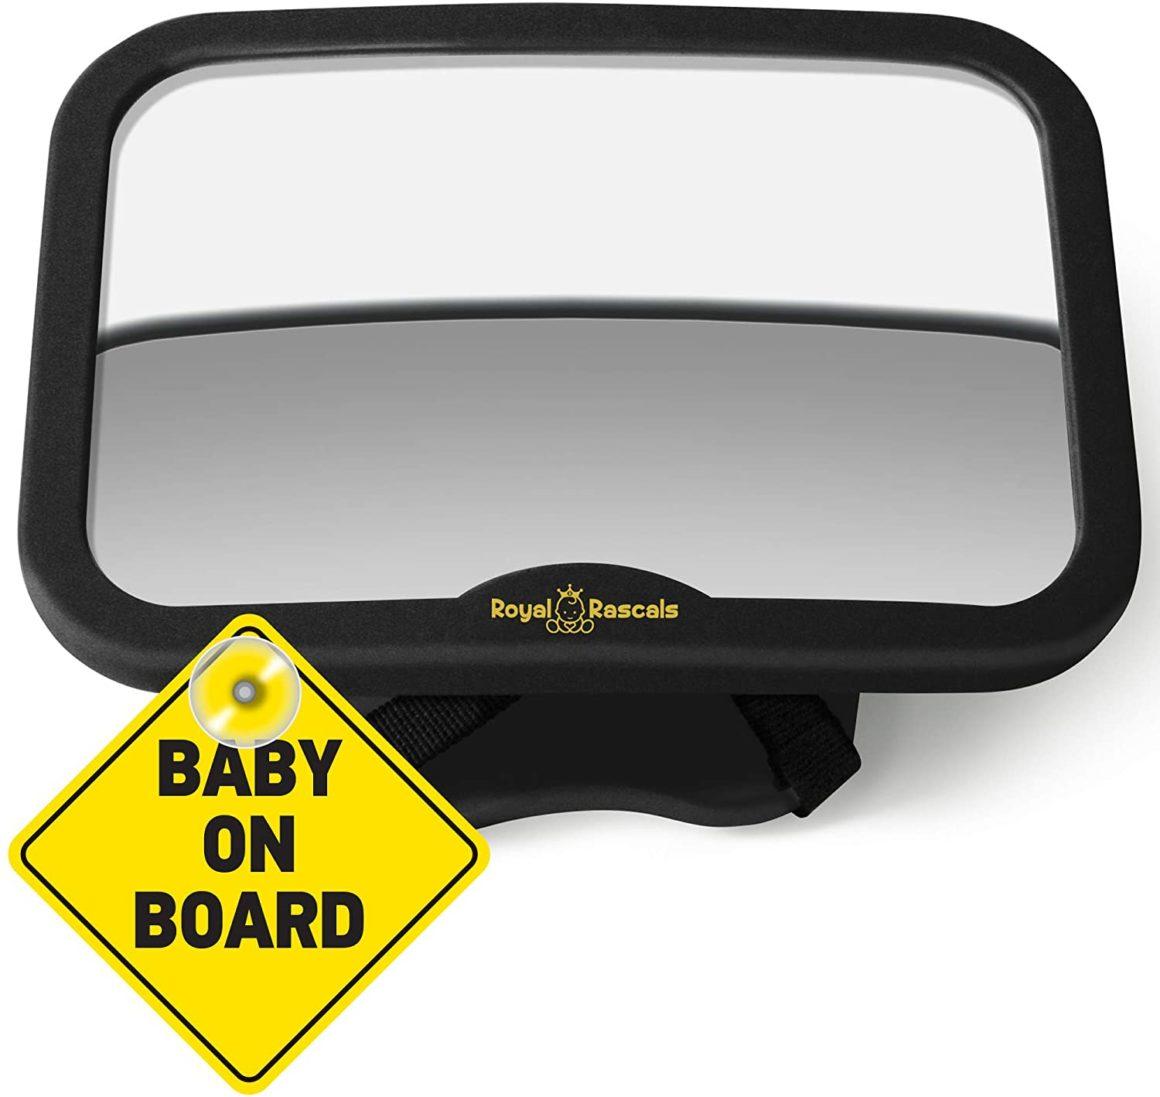 Specchio per auto inclinabile e girevole Royal Rascals